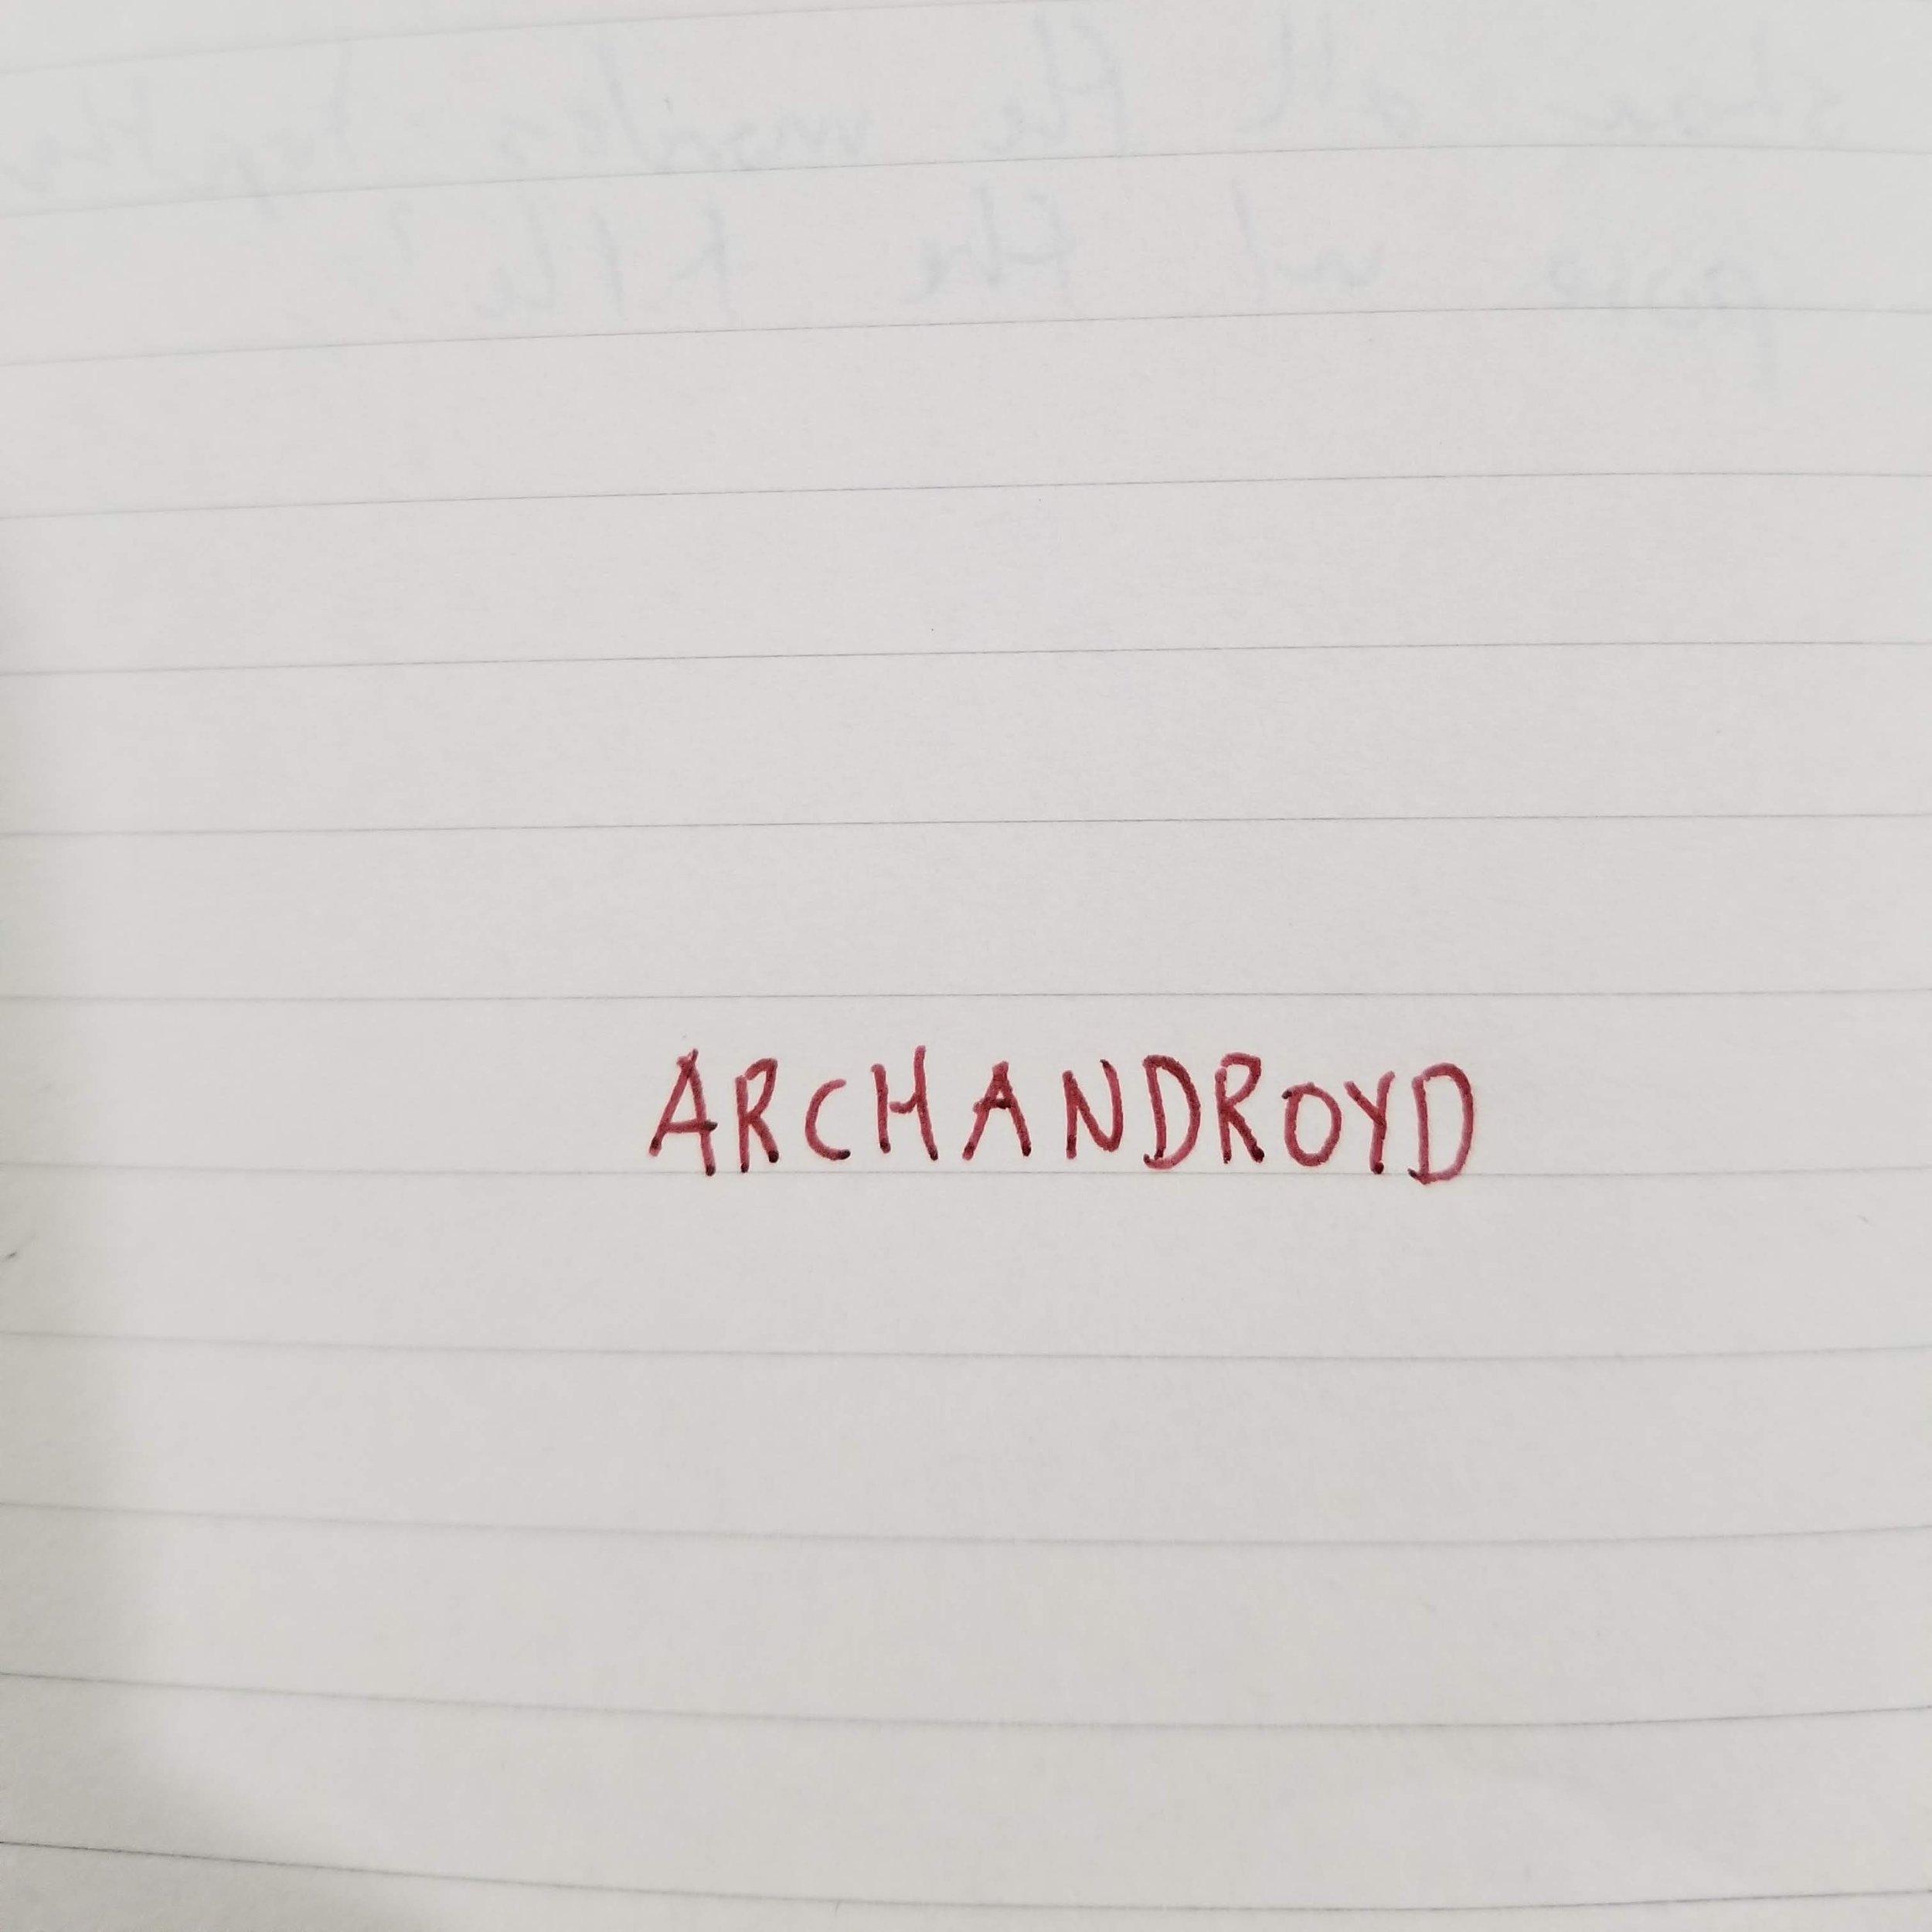 ARCHANDROYD